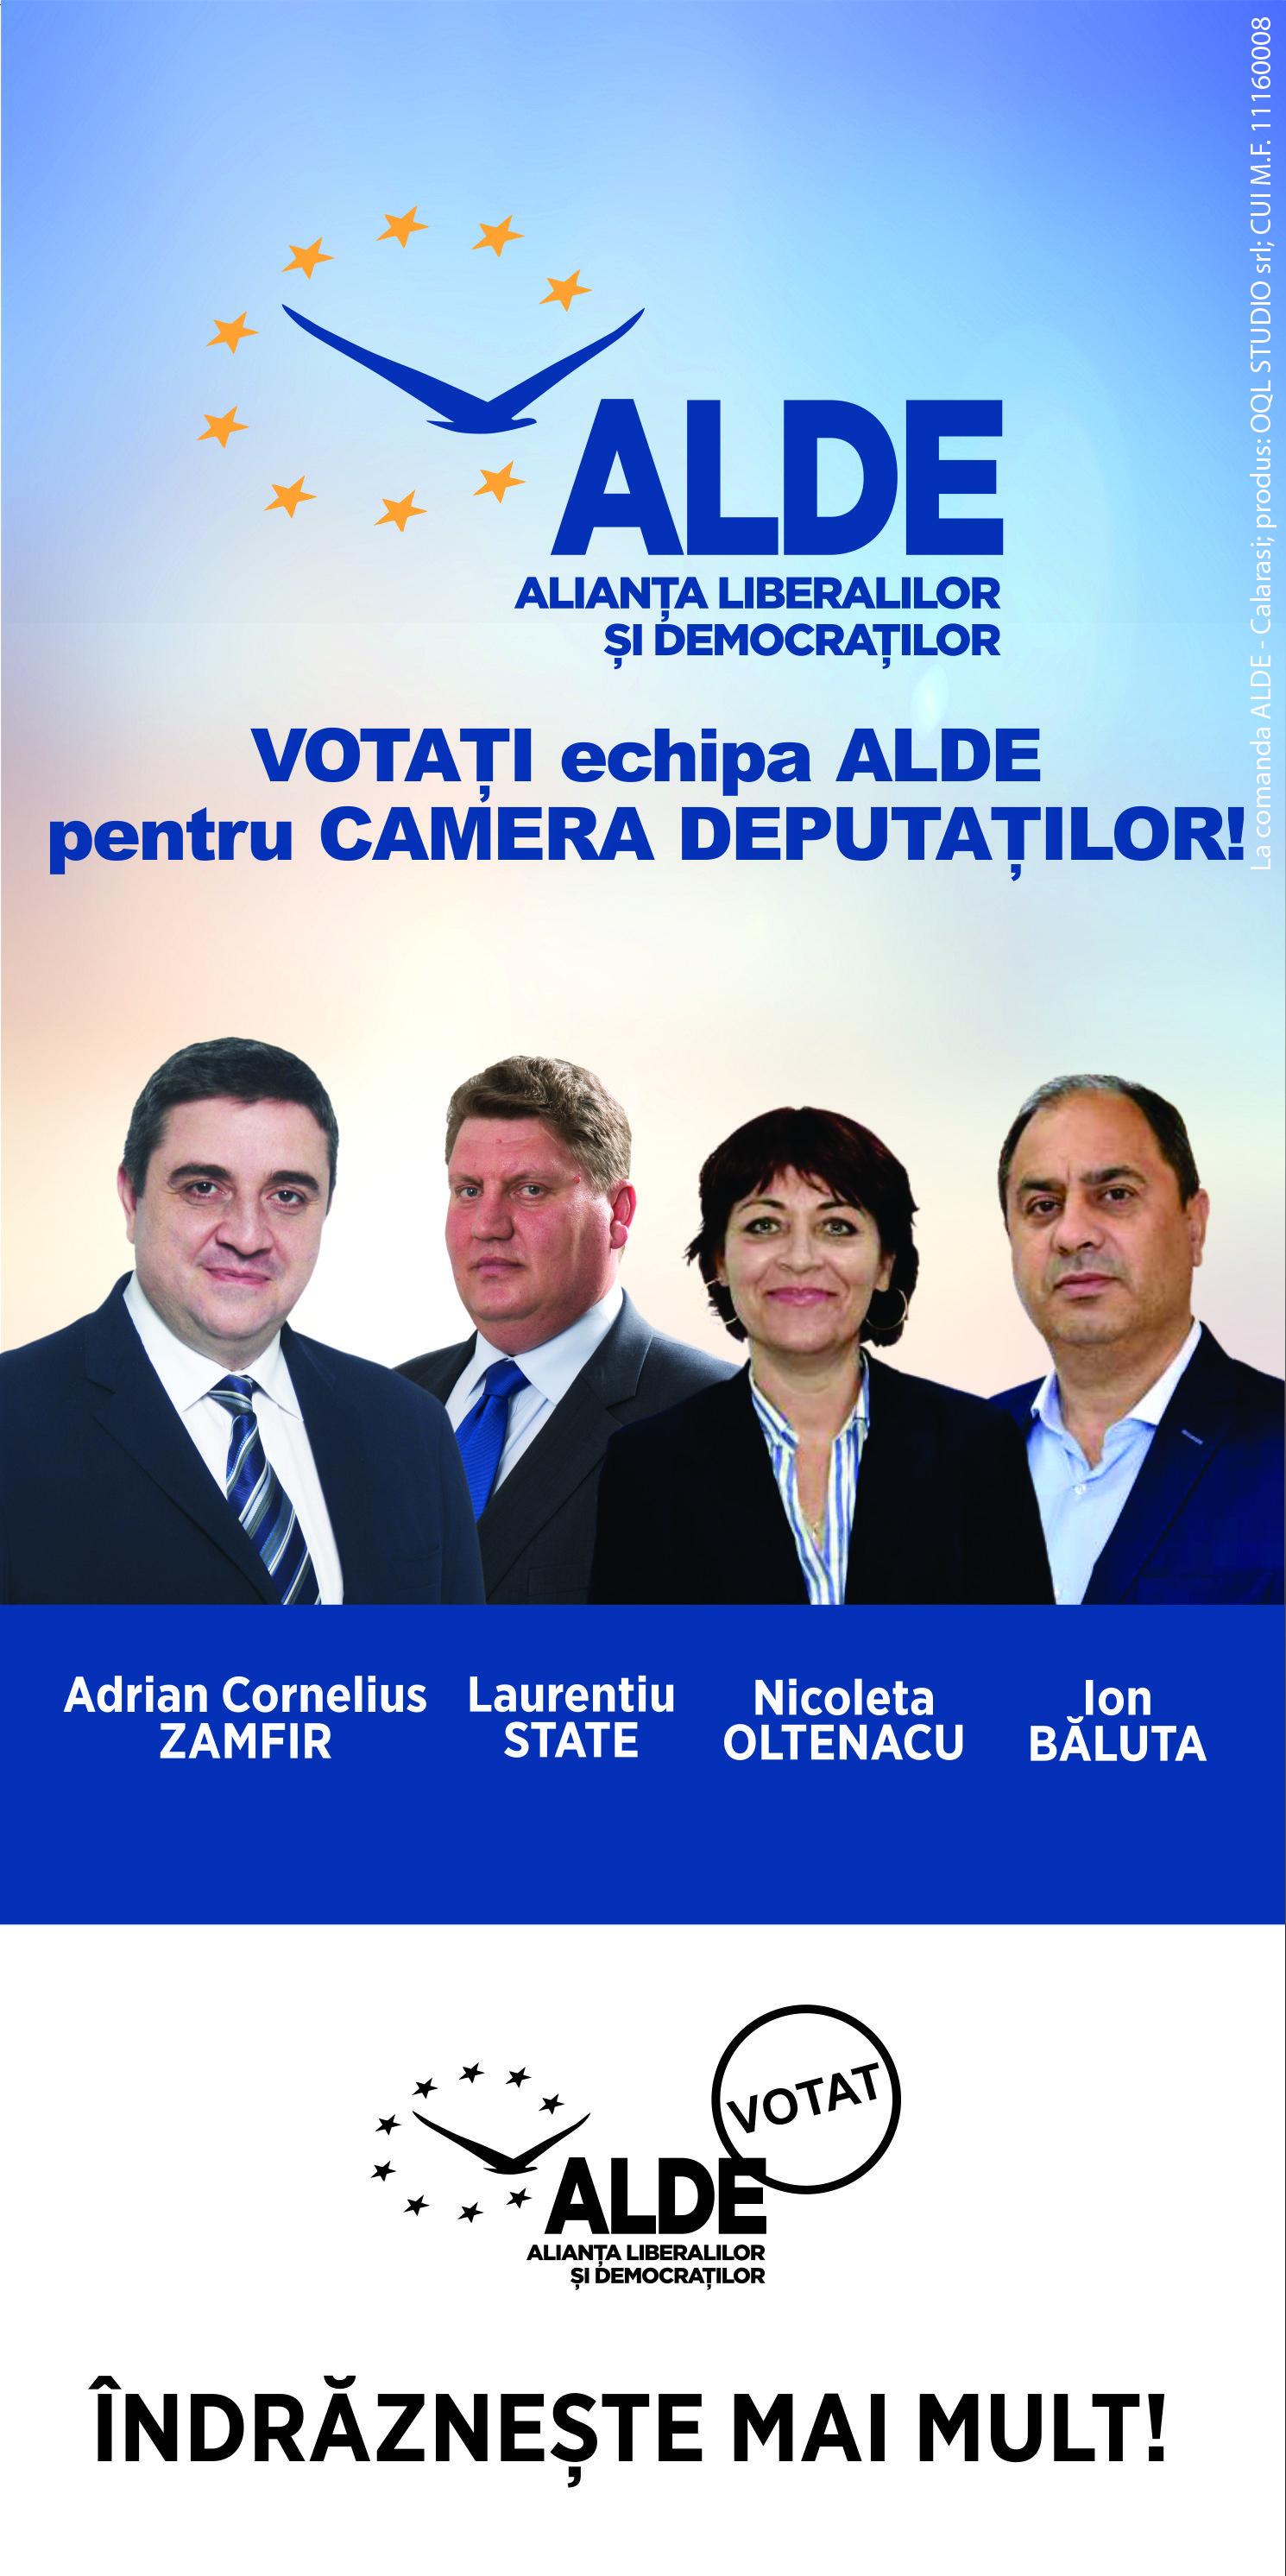 alde_banner300x600_deputati_vertical